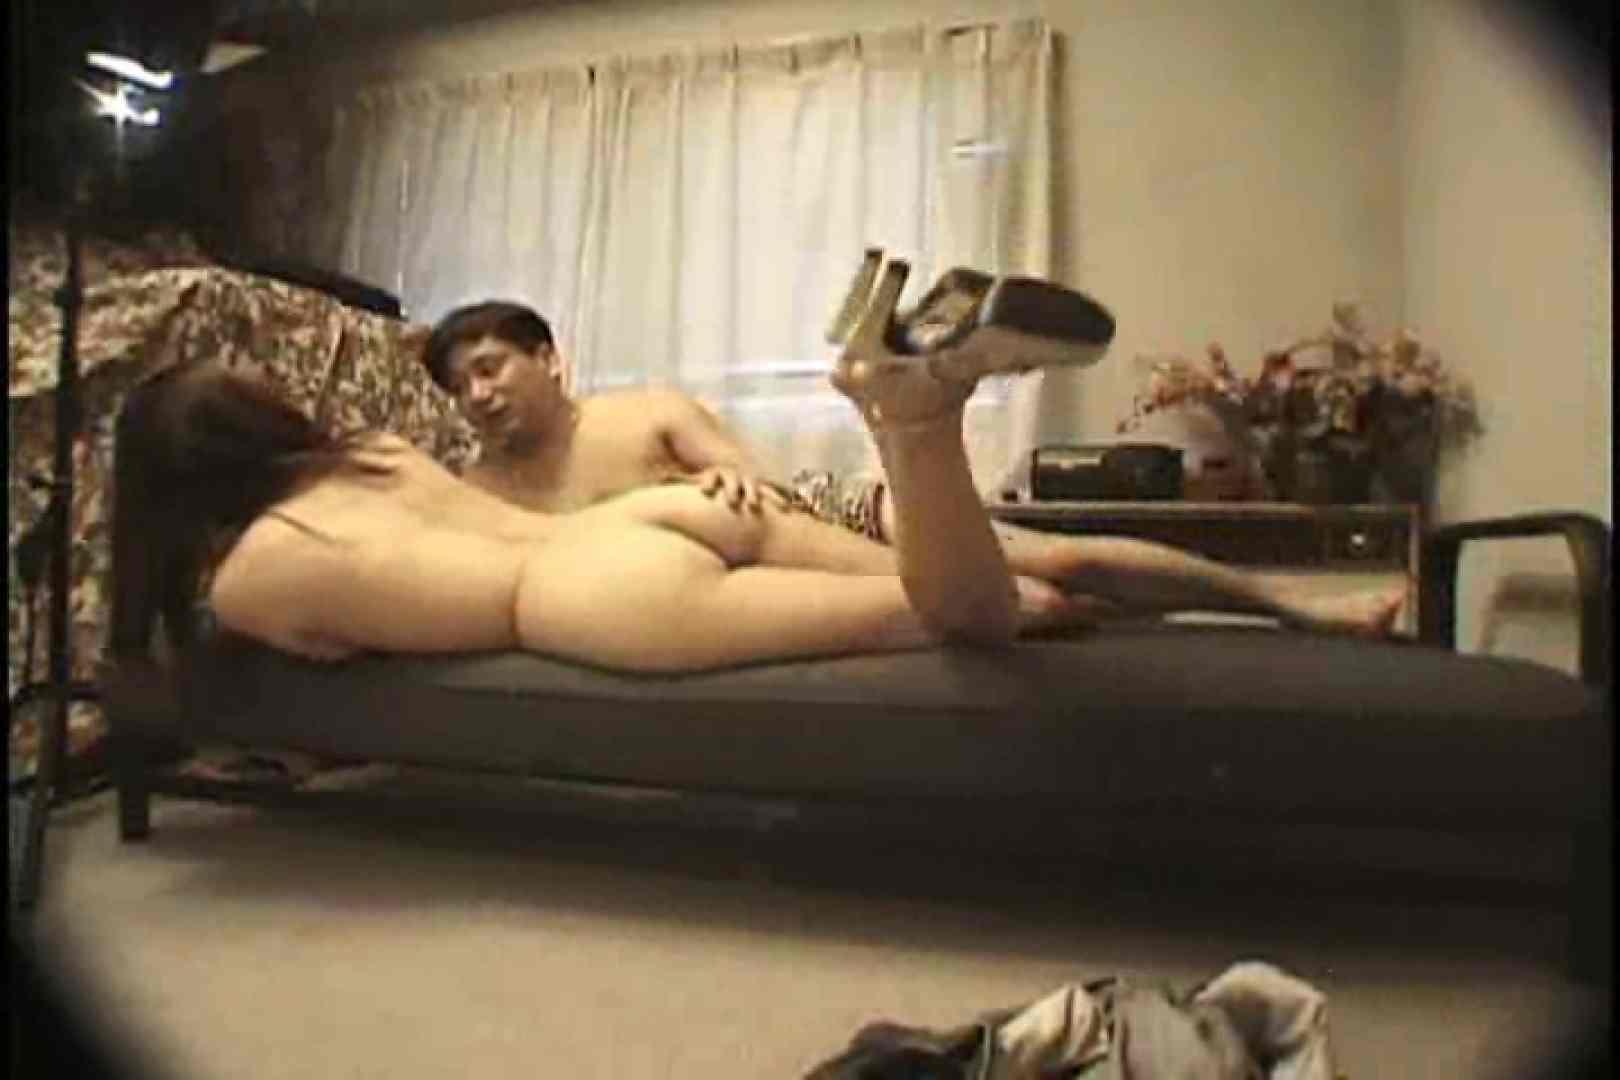 素人嬢126人のハメ撮り 竹之内歩美 手マンギャル セックス画像 65連発 2